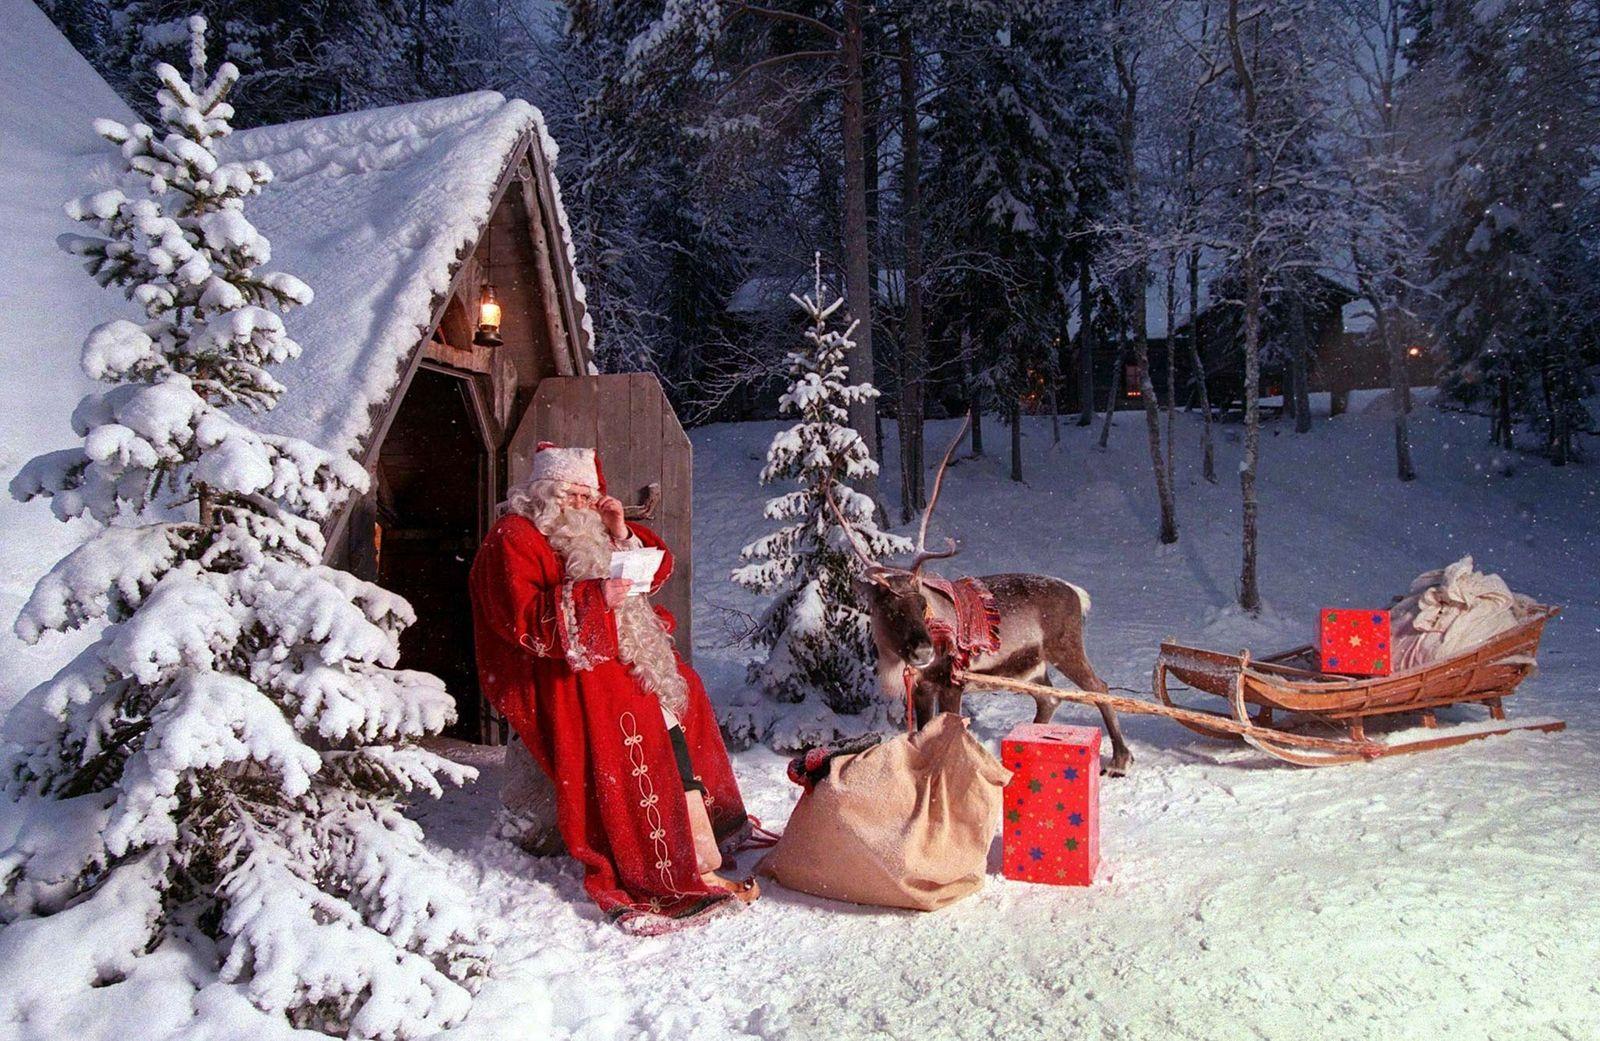 Finnland / Schnee / Winter / Weihnachten